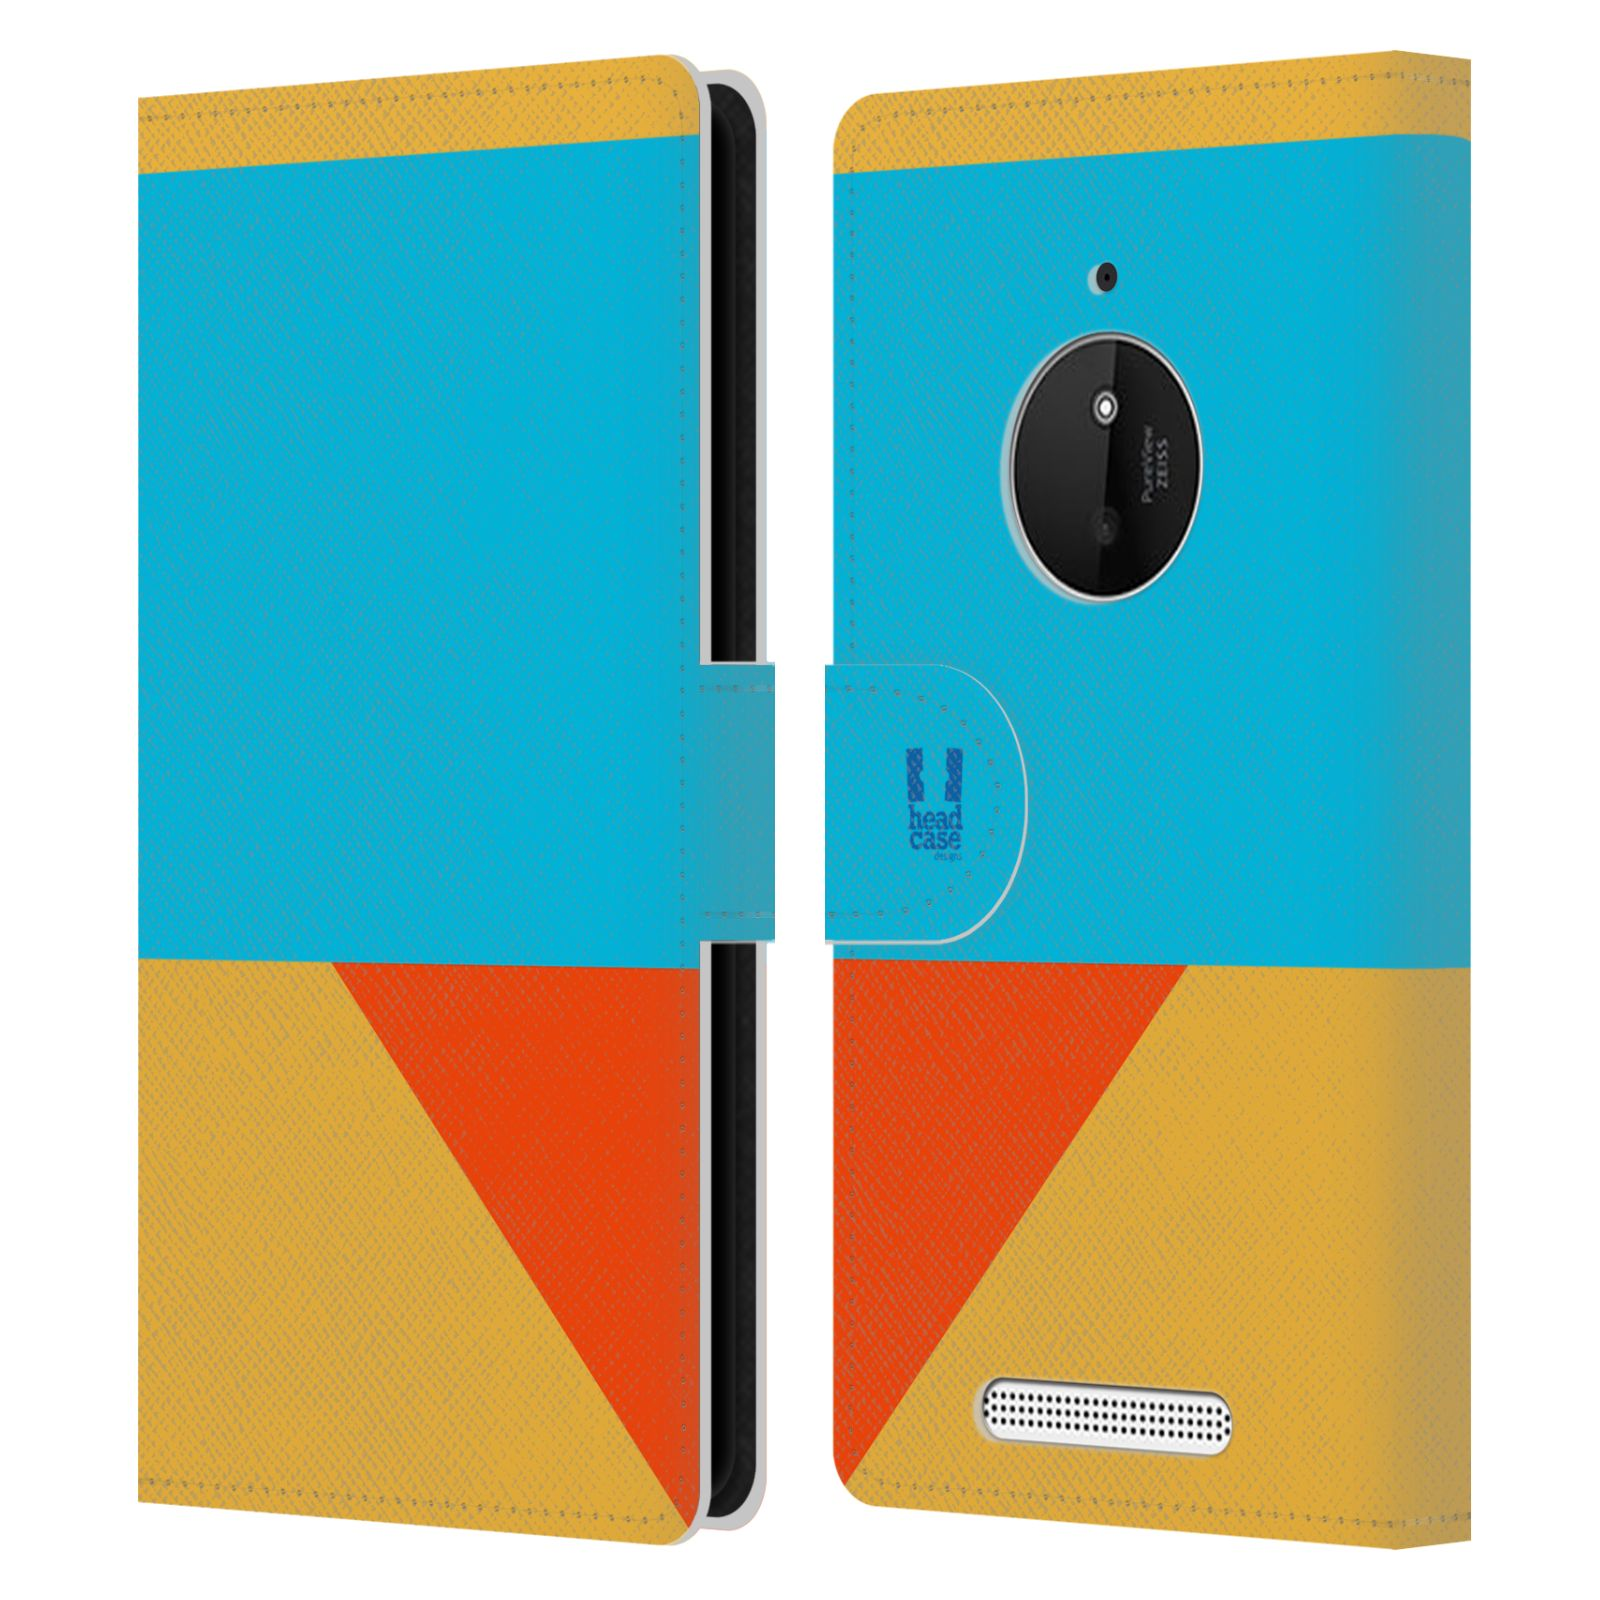 HEAD CASE Flipové pouzdro pro mobil Nokia LUMIA 830 barevné tvary béžová a modrá DAY WEAR